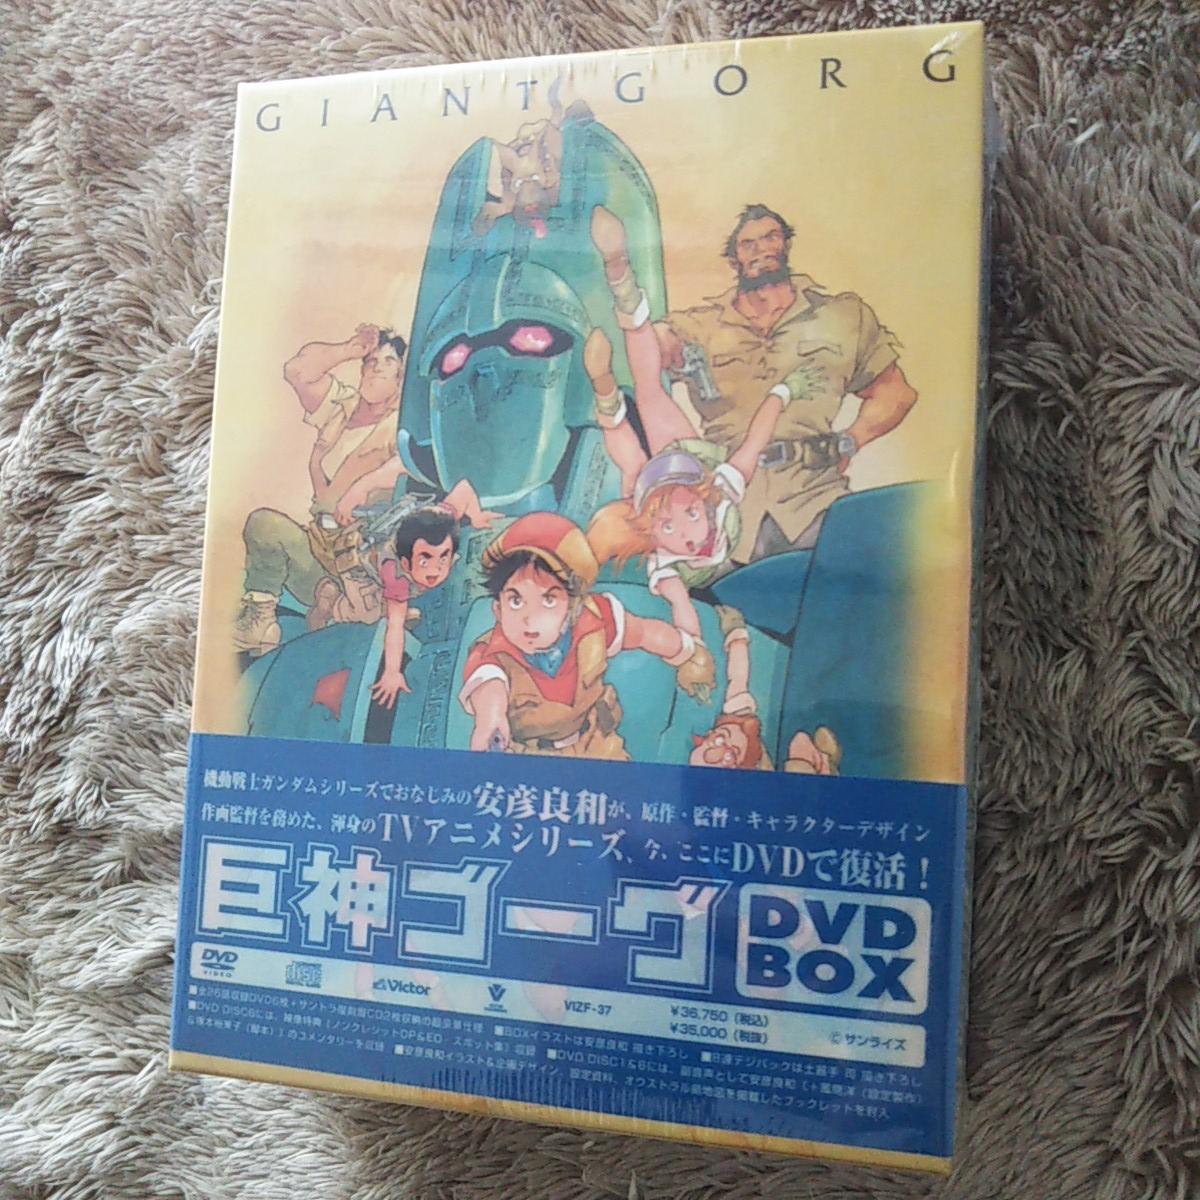 未開封 巨人ゴーグ DVDBOX 初回限定版 希少 レア(新しいパソコンを買う資金にしたいので赤字覚悟の再落なし)1円スタート!